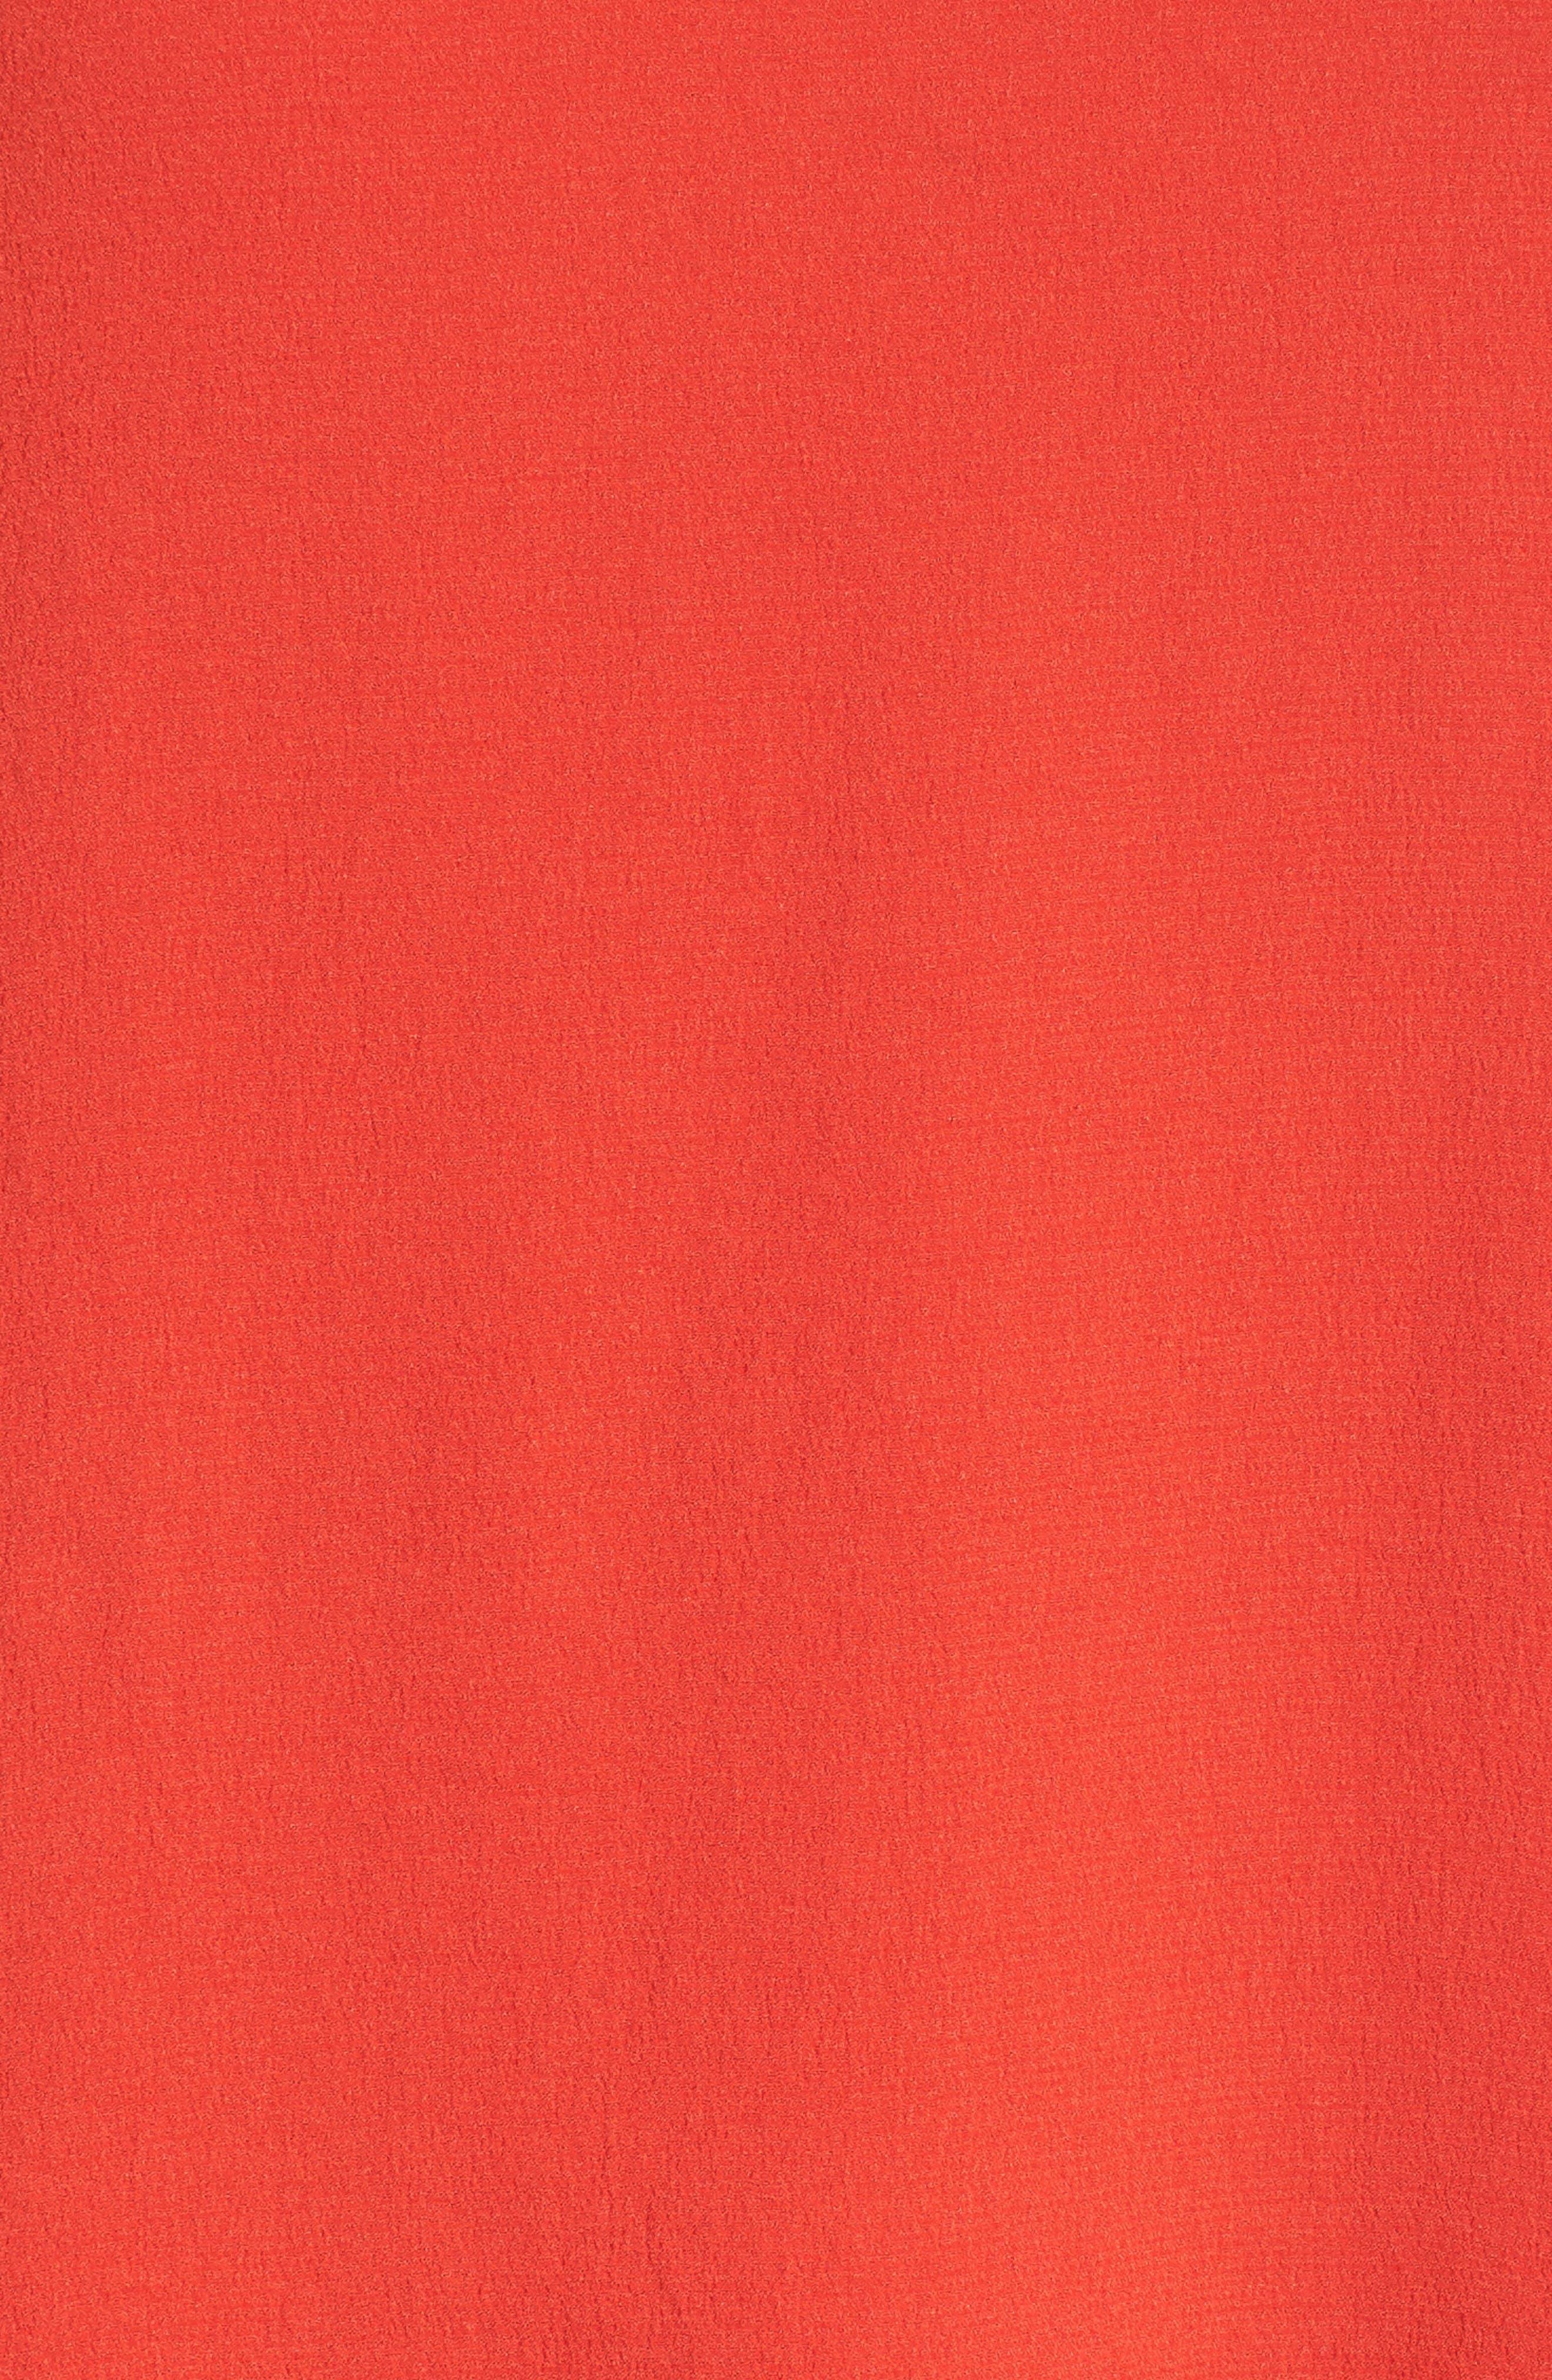 Ruffle Hem Swing Dress,                             Alternate thumbnail 6, color,                             Red Fiery